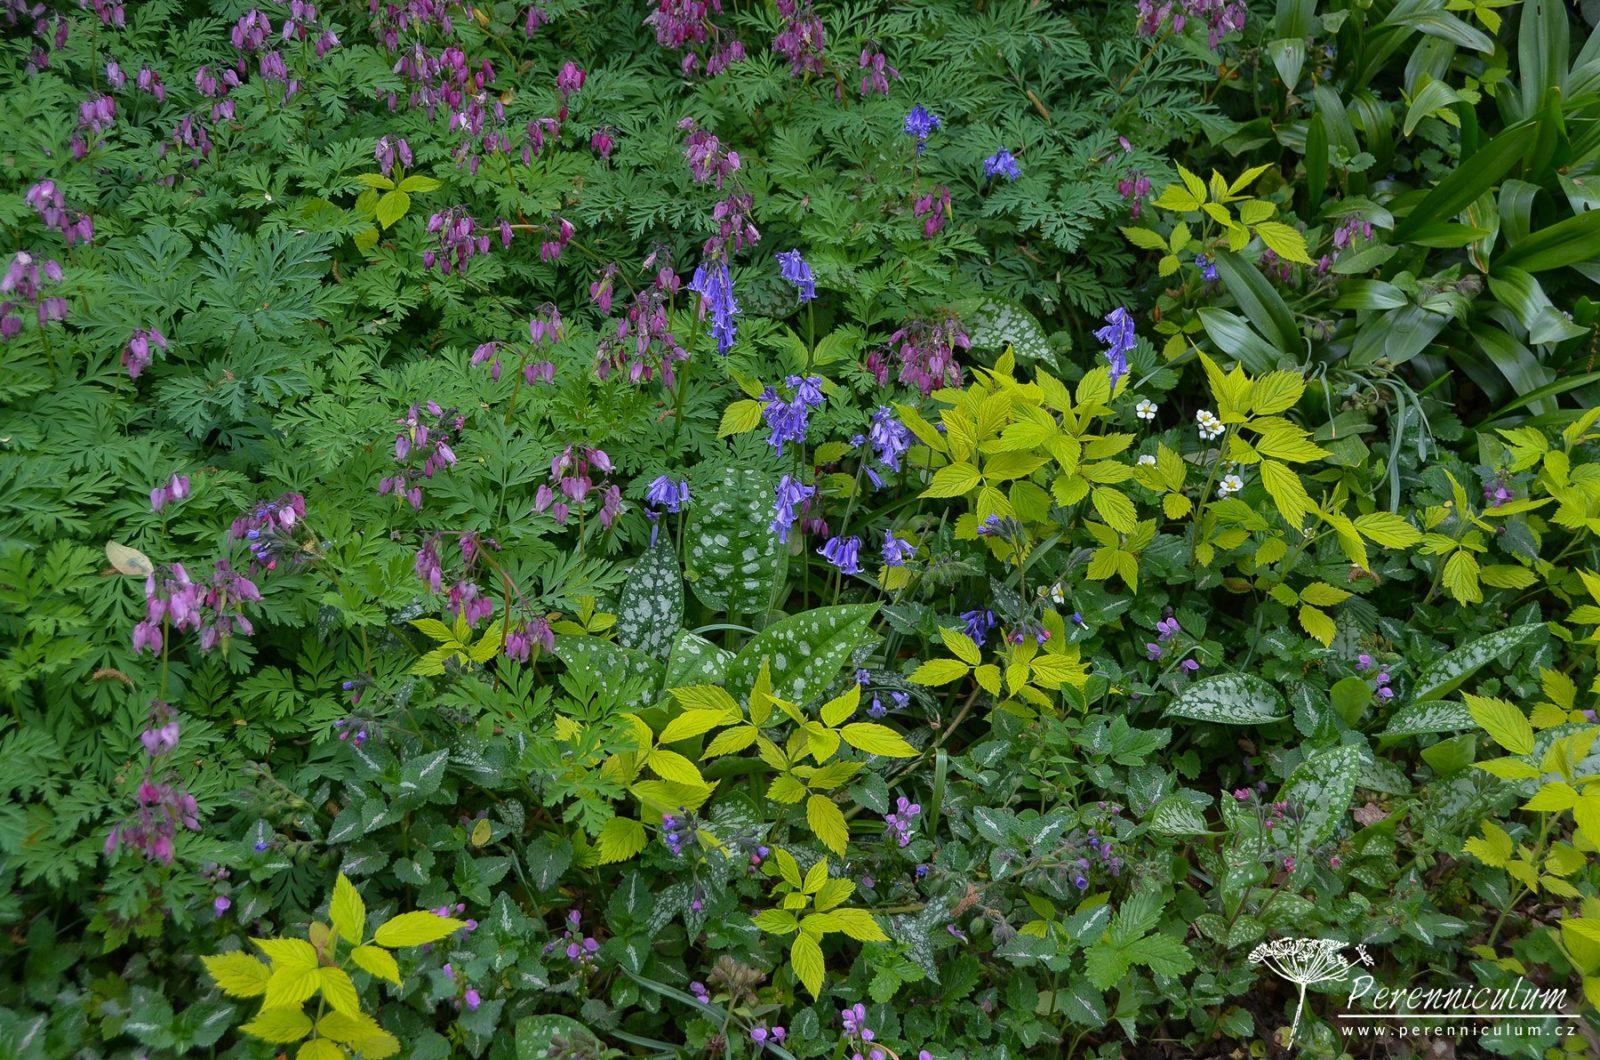 Detail bylinného patra v podrostu stromů: růžově kvetoucí srdcovka (Dicentra formosa), modré hyacintovce (Hyacinthoides non-scripta), panašované listy plicníku (Pulmonaria) a hluchavky (Lamium maculatum) s květy lesních jahor (Fragaria vesca).